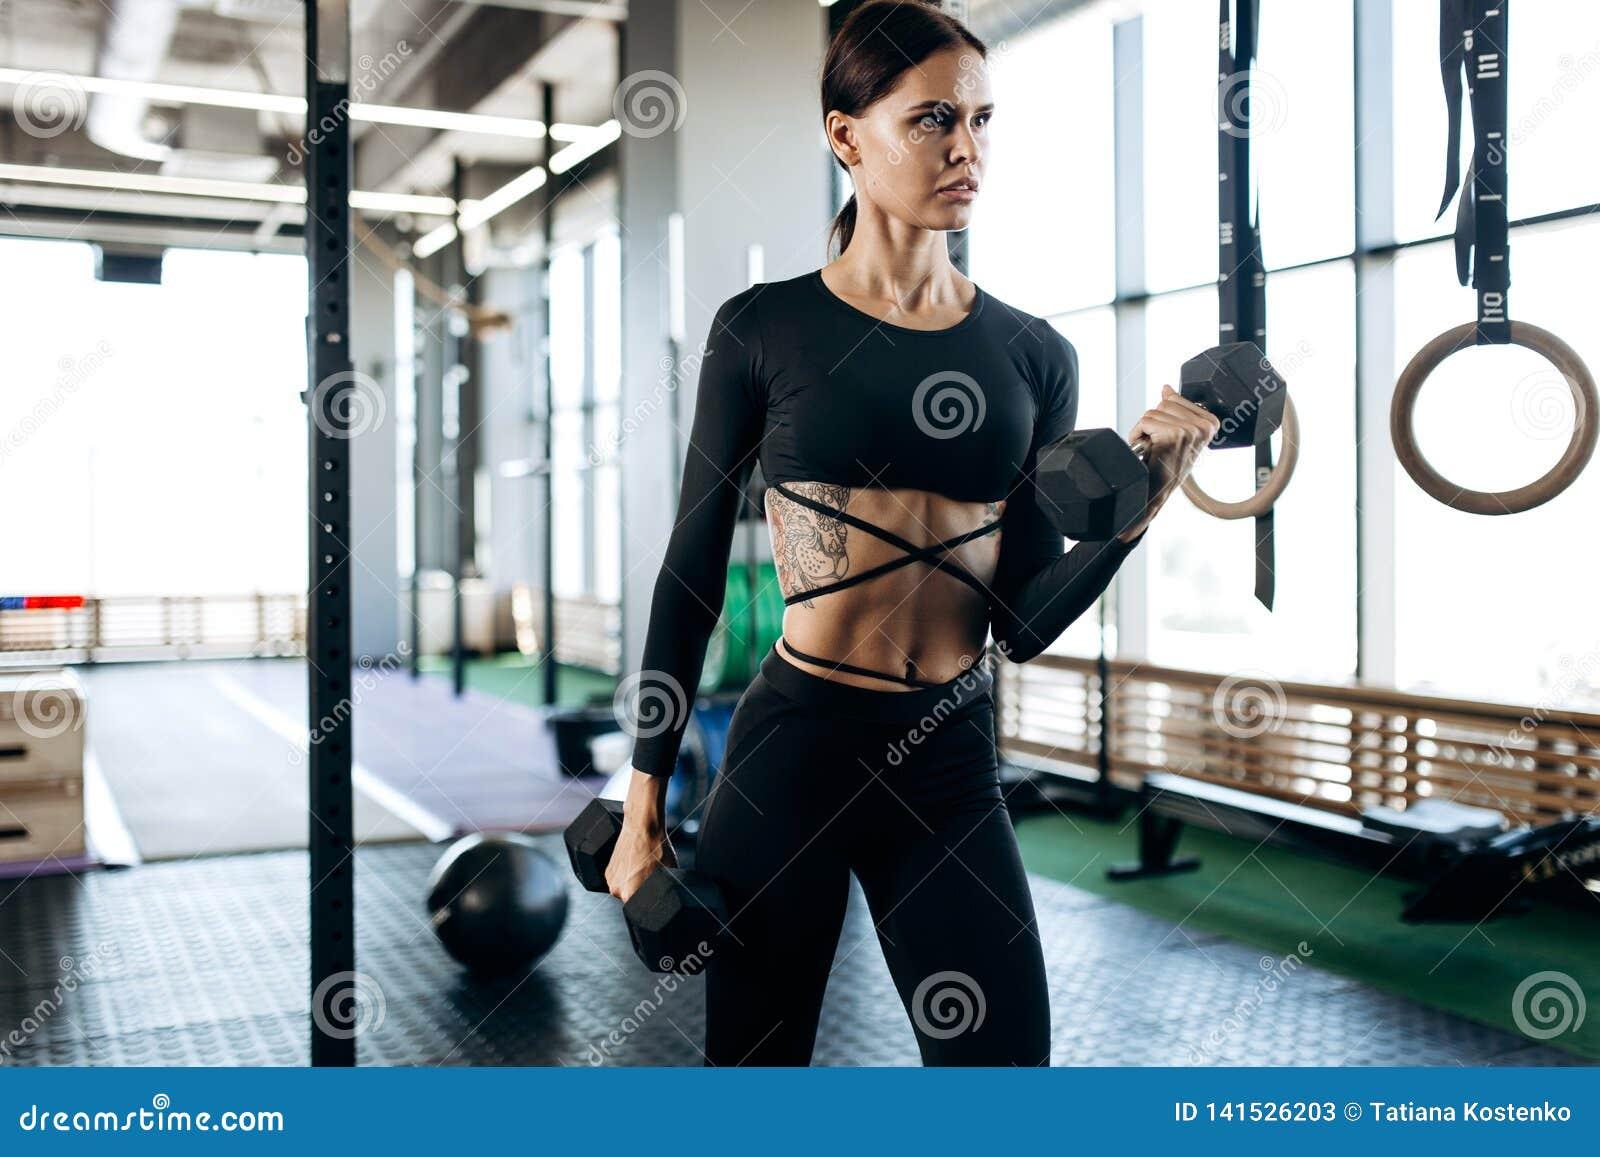 Худенькая молодая женщина с татуировкой одетой в черном sportswear делает тренировки с гантелями в спортзале